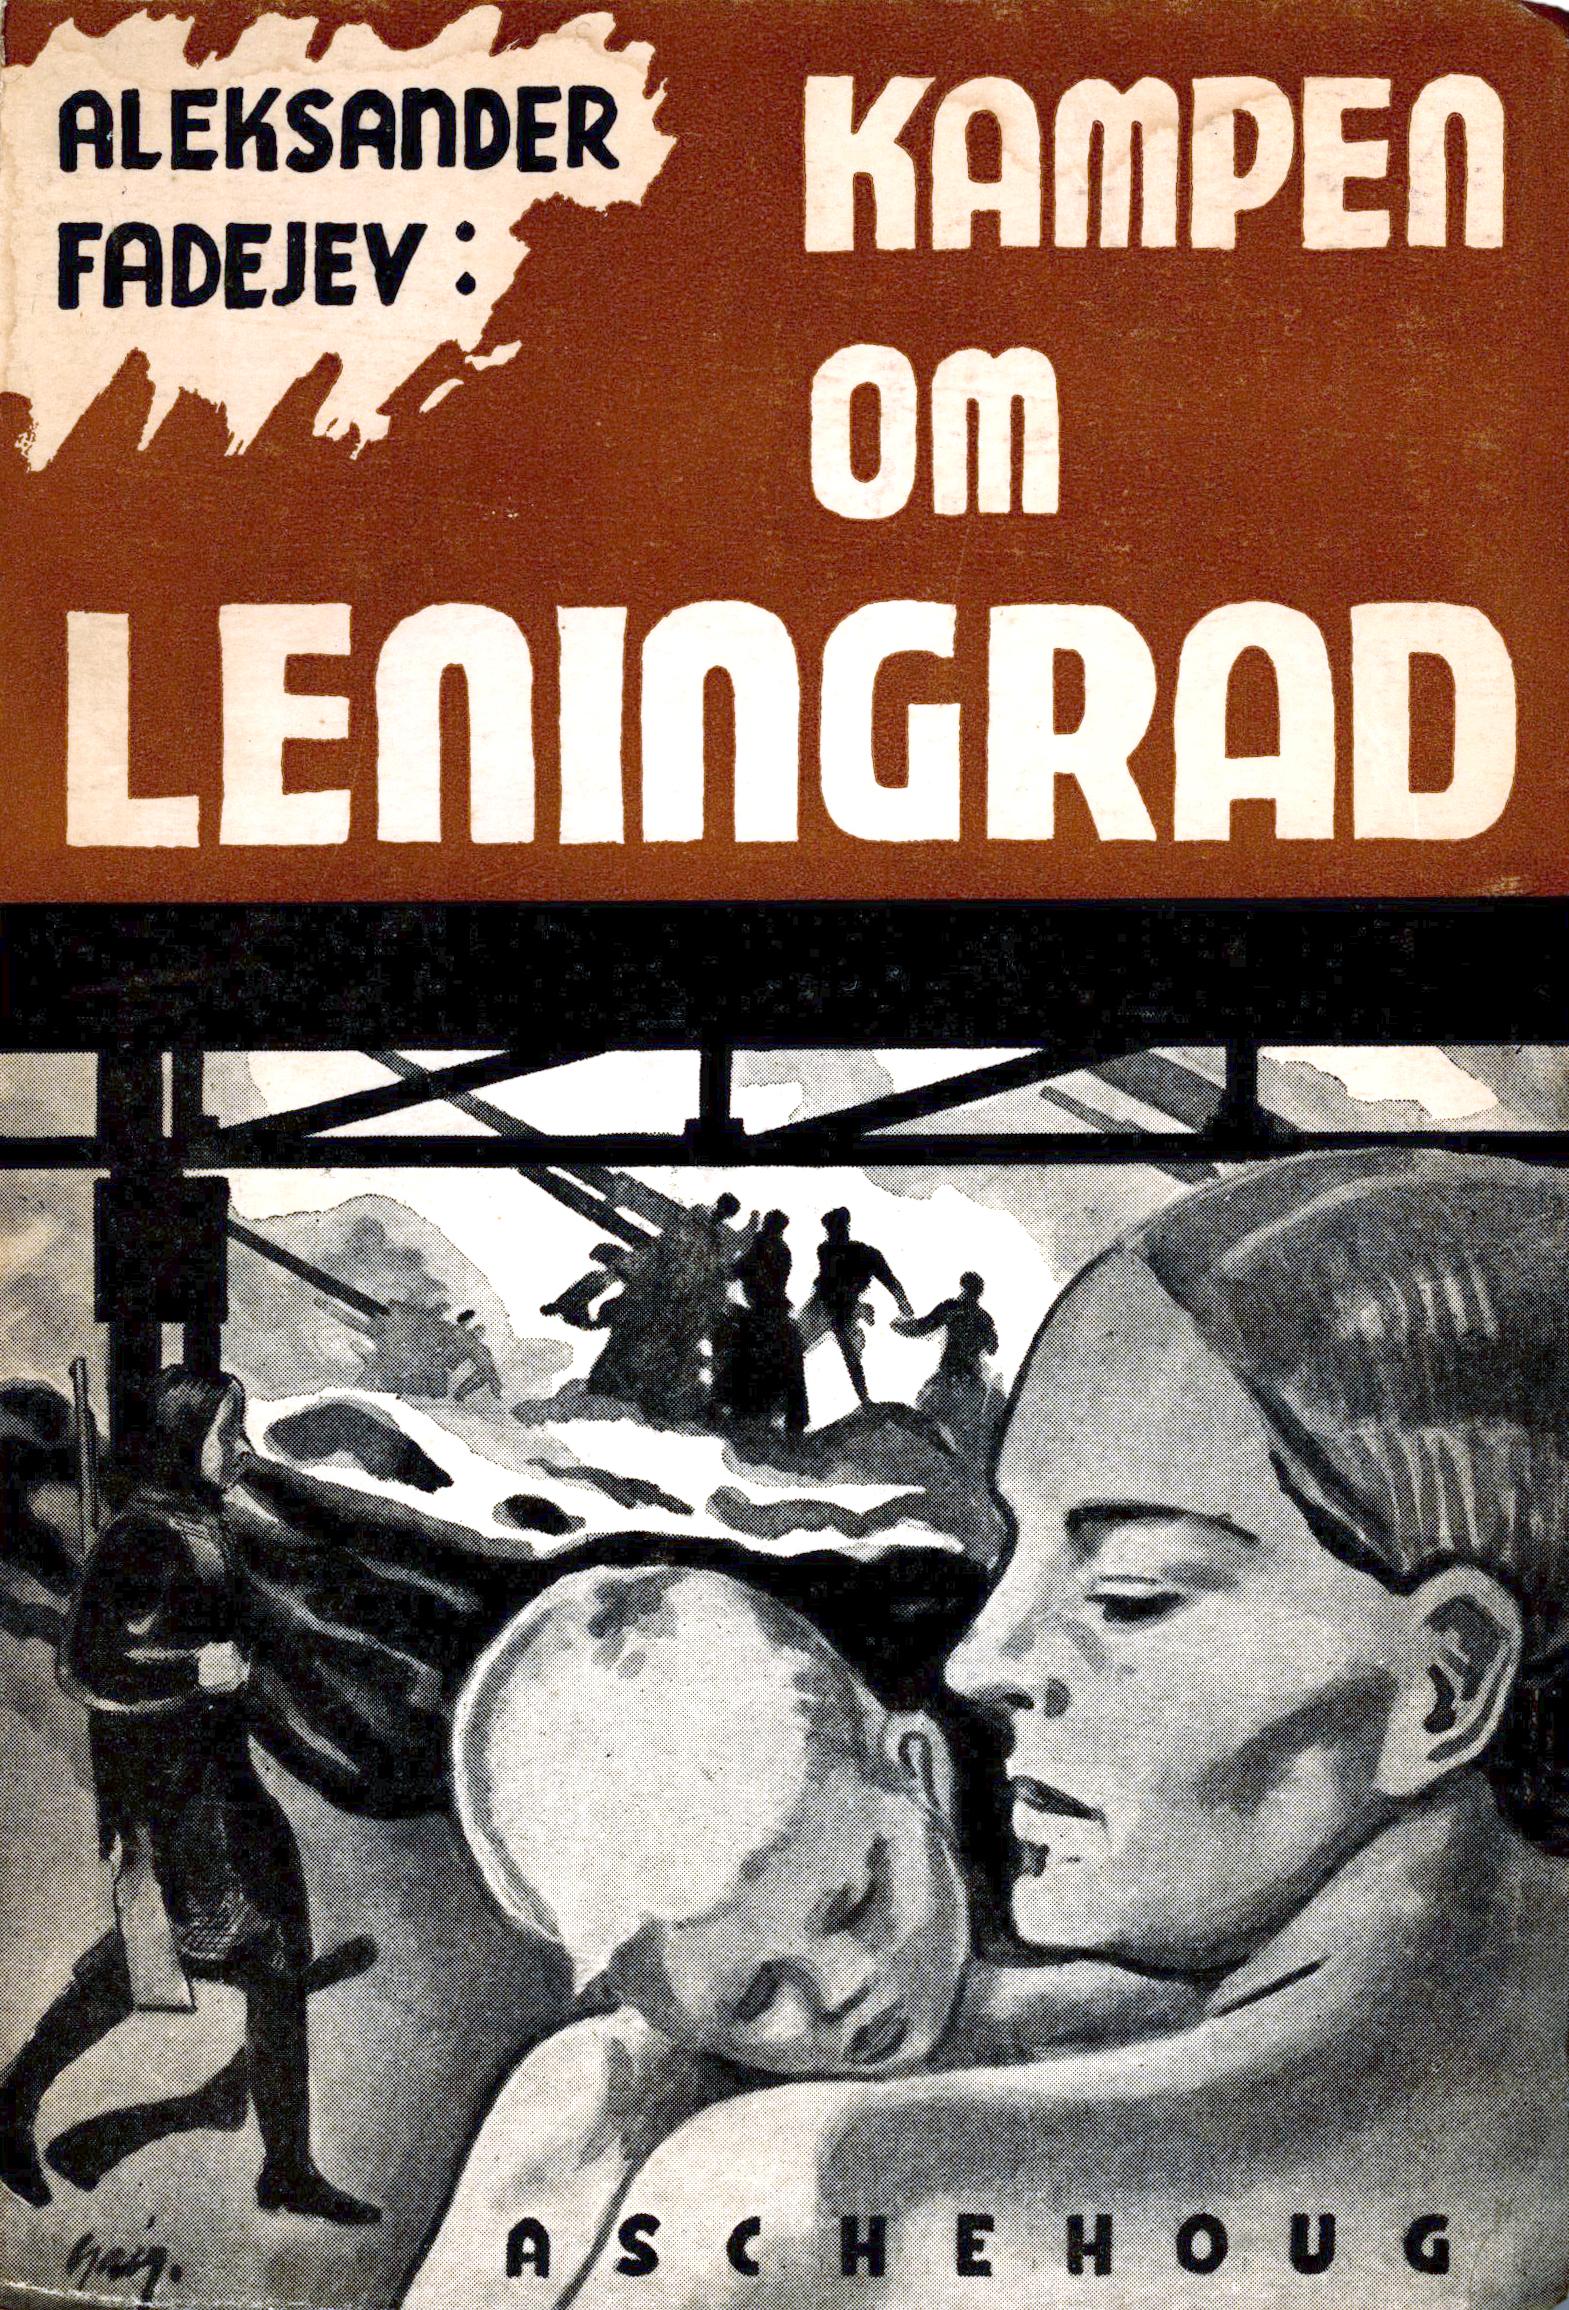 Aleksander Fadejev: Kampen om Leningrad